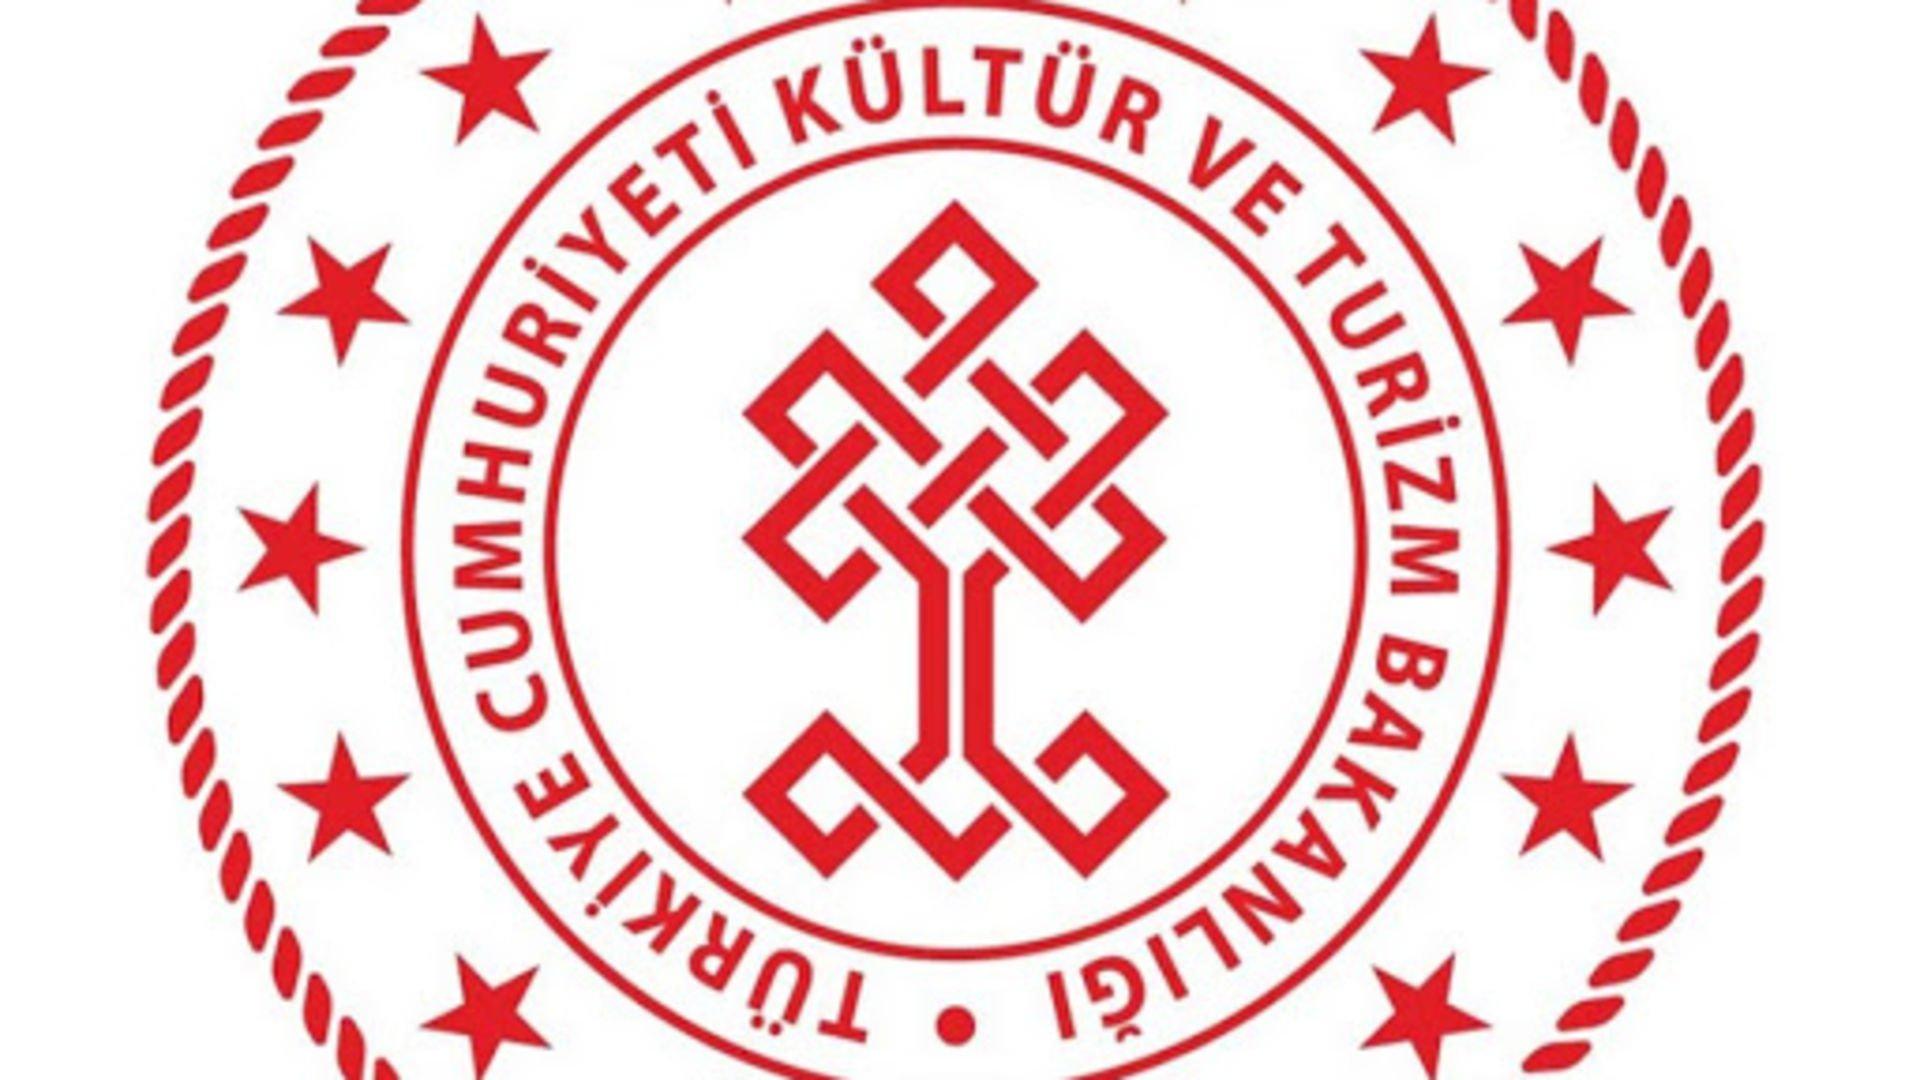 Kültür ve Turizm Bakanlığı'ndan aşı açıklaması